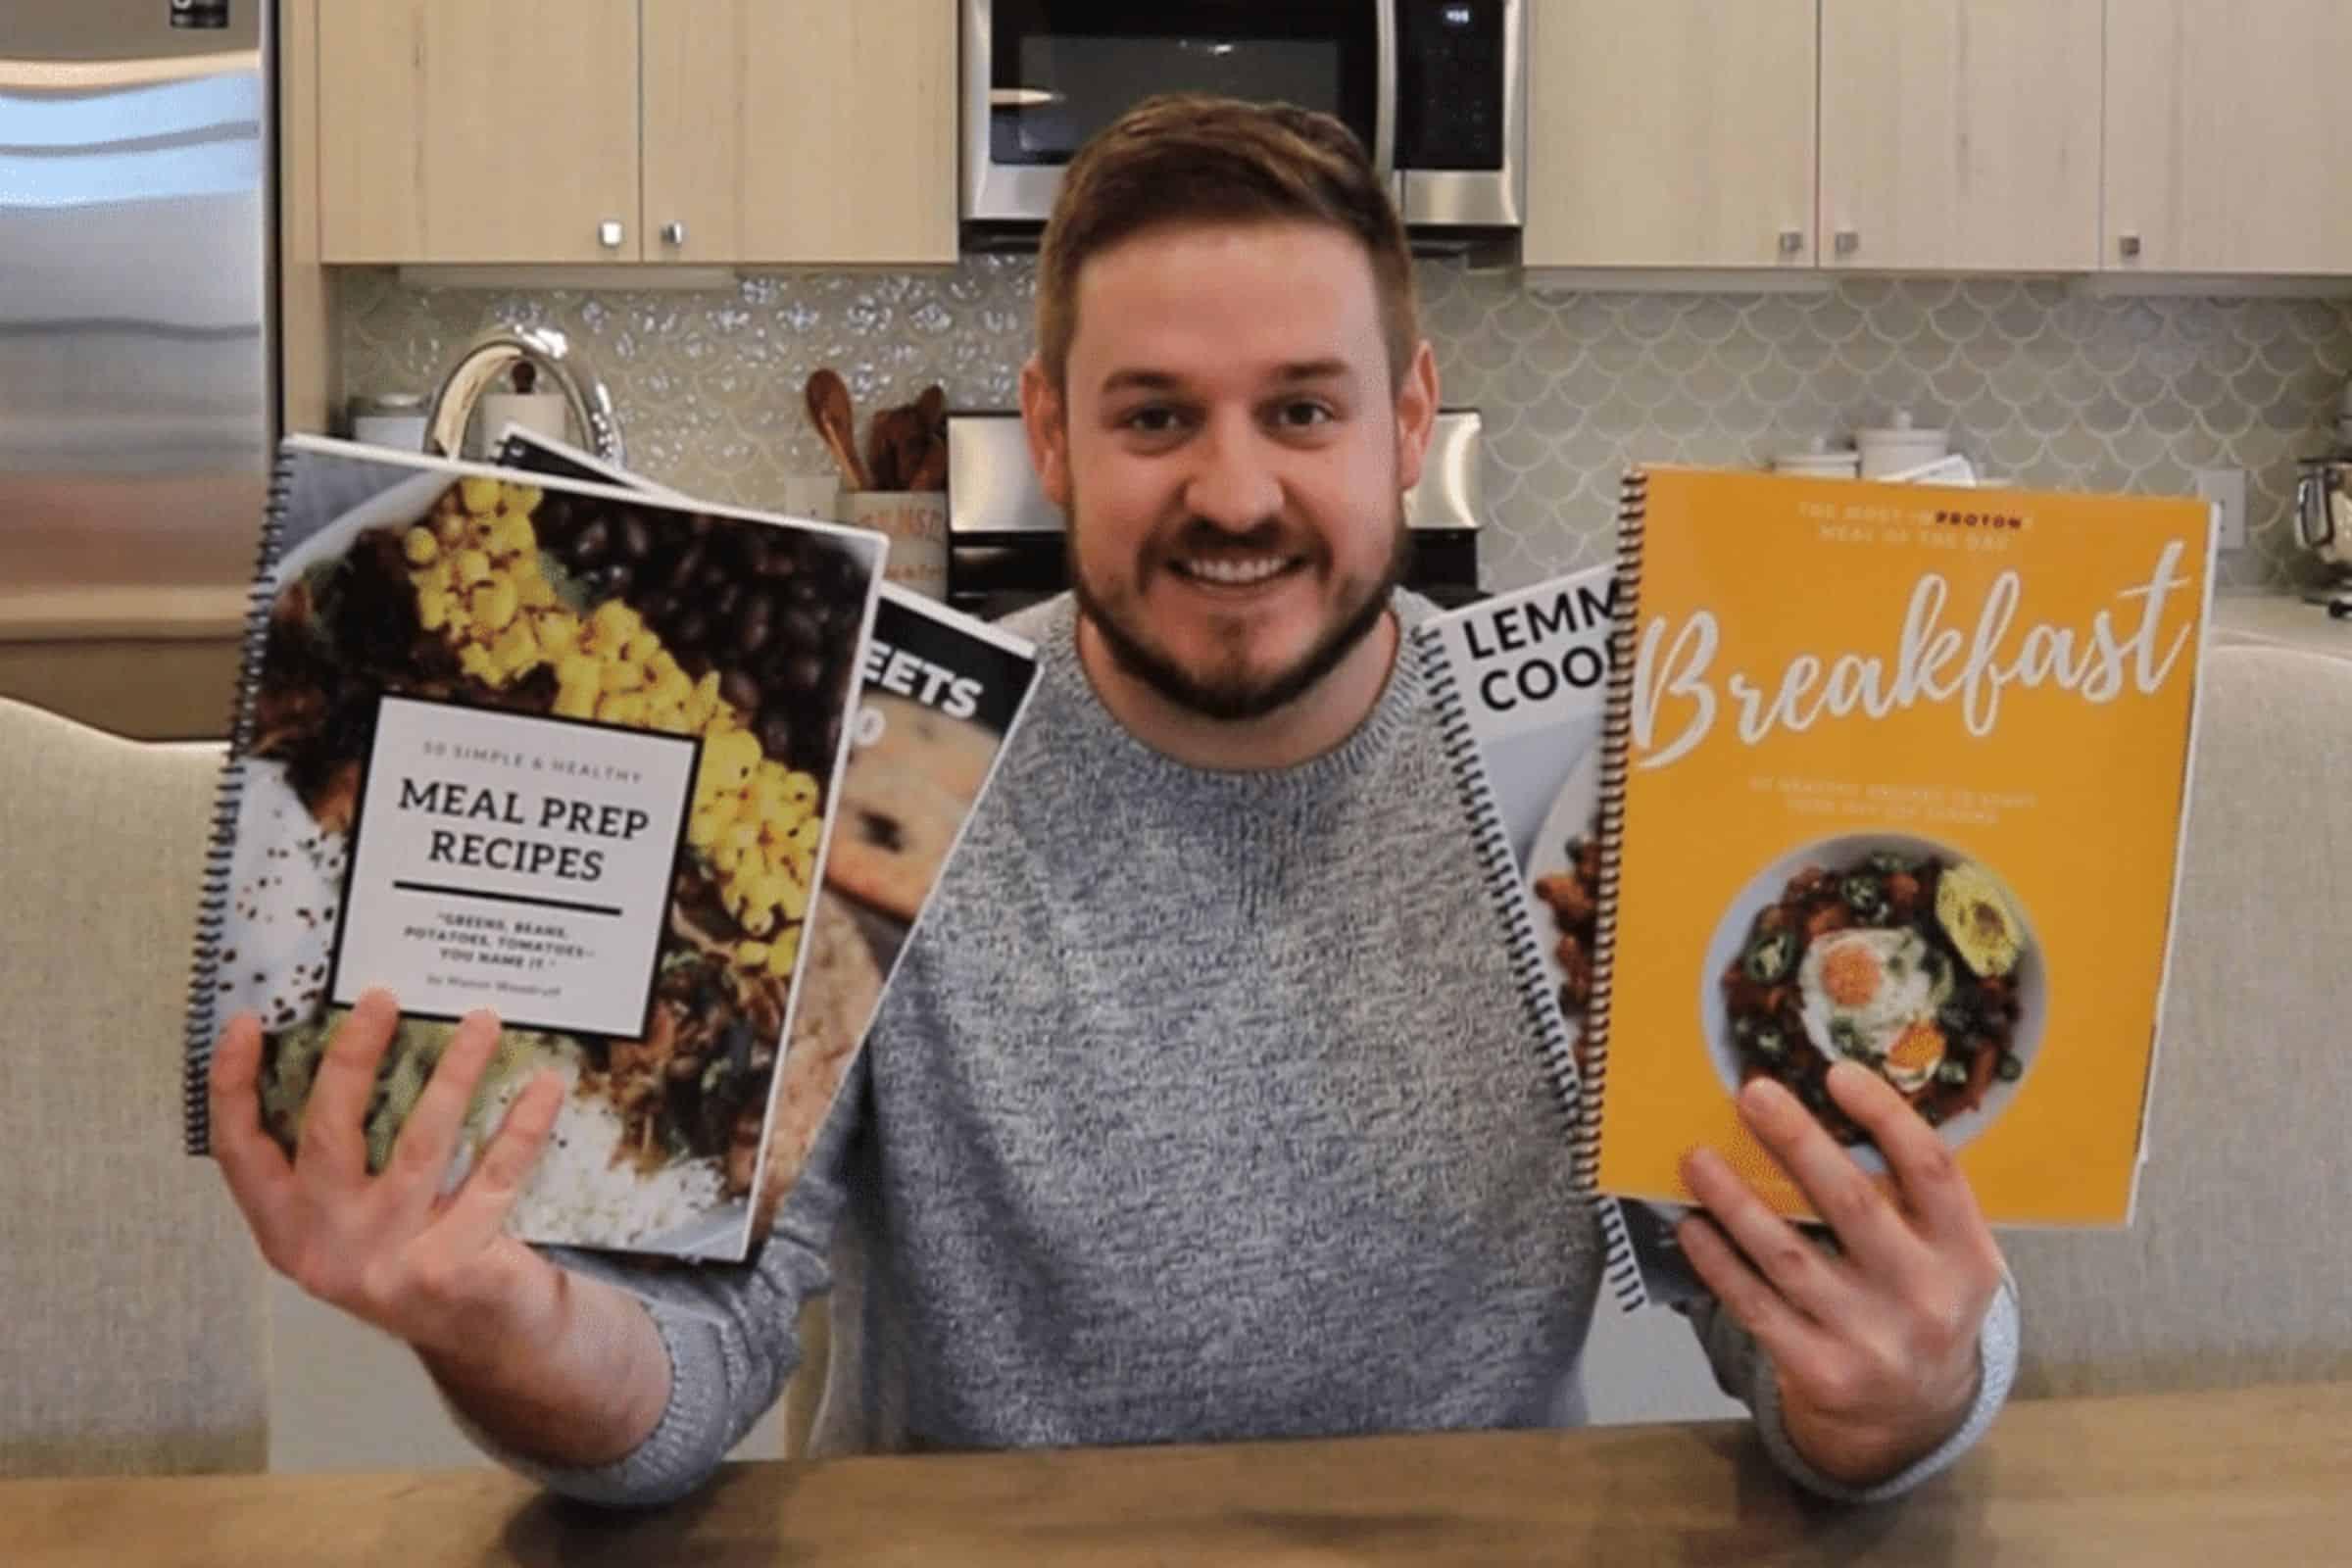 mason woodruff holding hard copy cookbooks